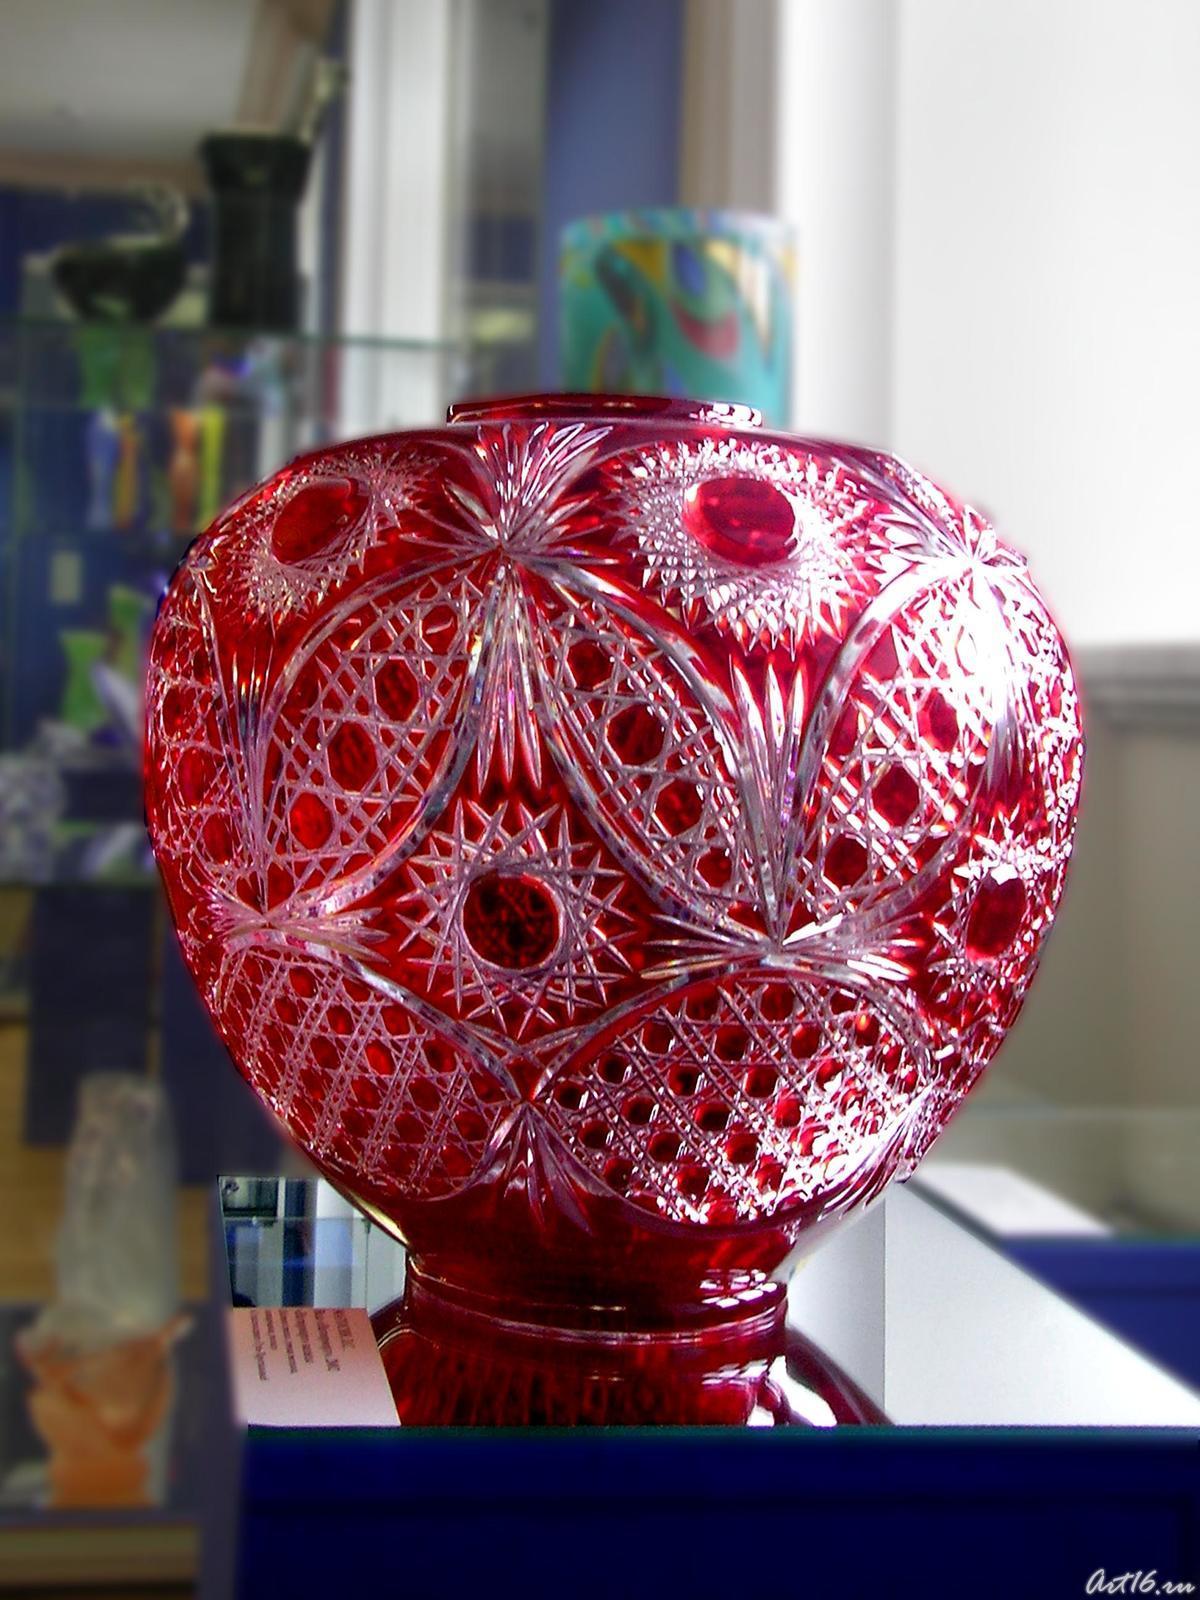 Фото №15424. Элемент вазы для цветов ''Традиция''